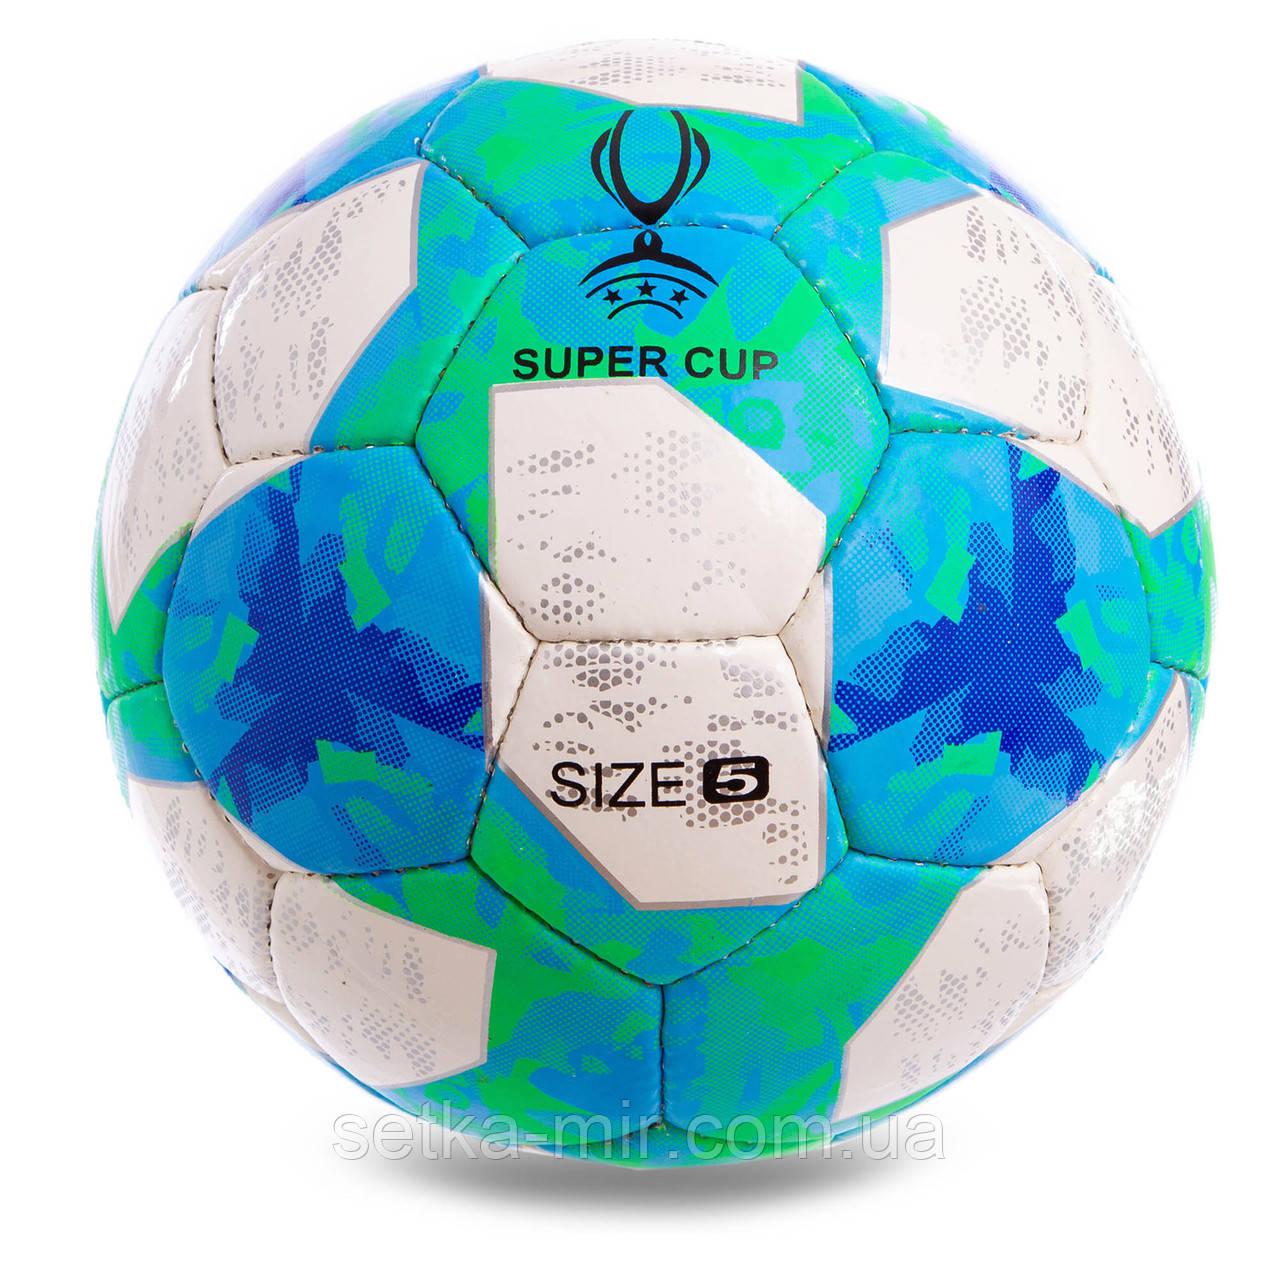 Мяч футбольный №5 Гриппи 5сл. UEFA SUPER CUP 2019 FB-2133 (№5, 5 сл., сшит вручную)